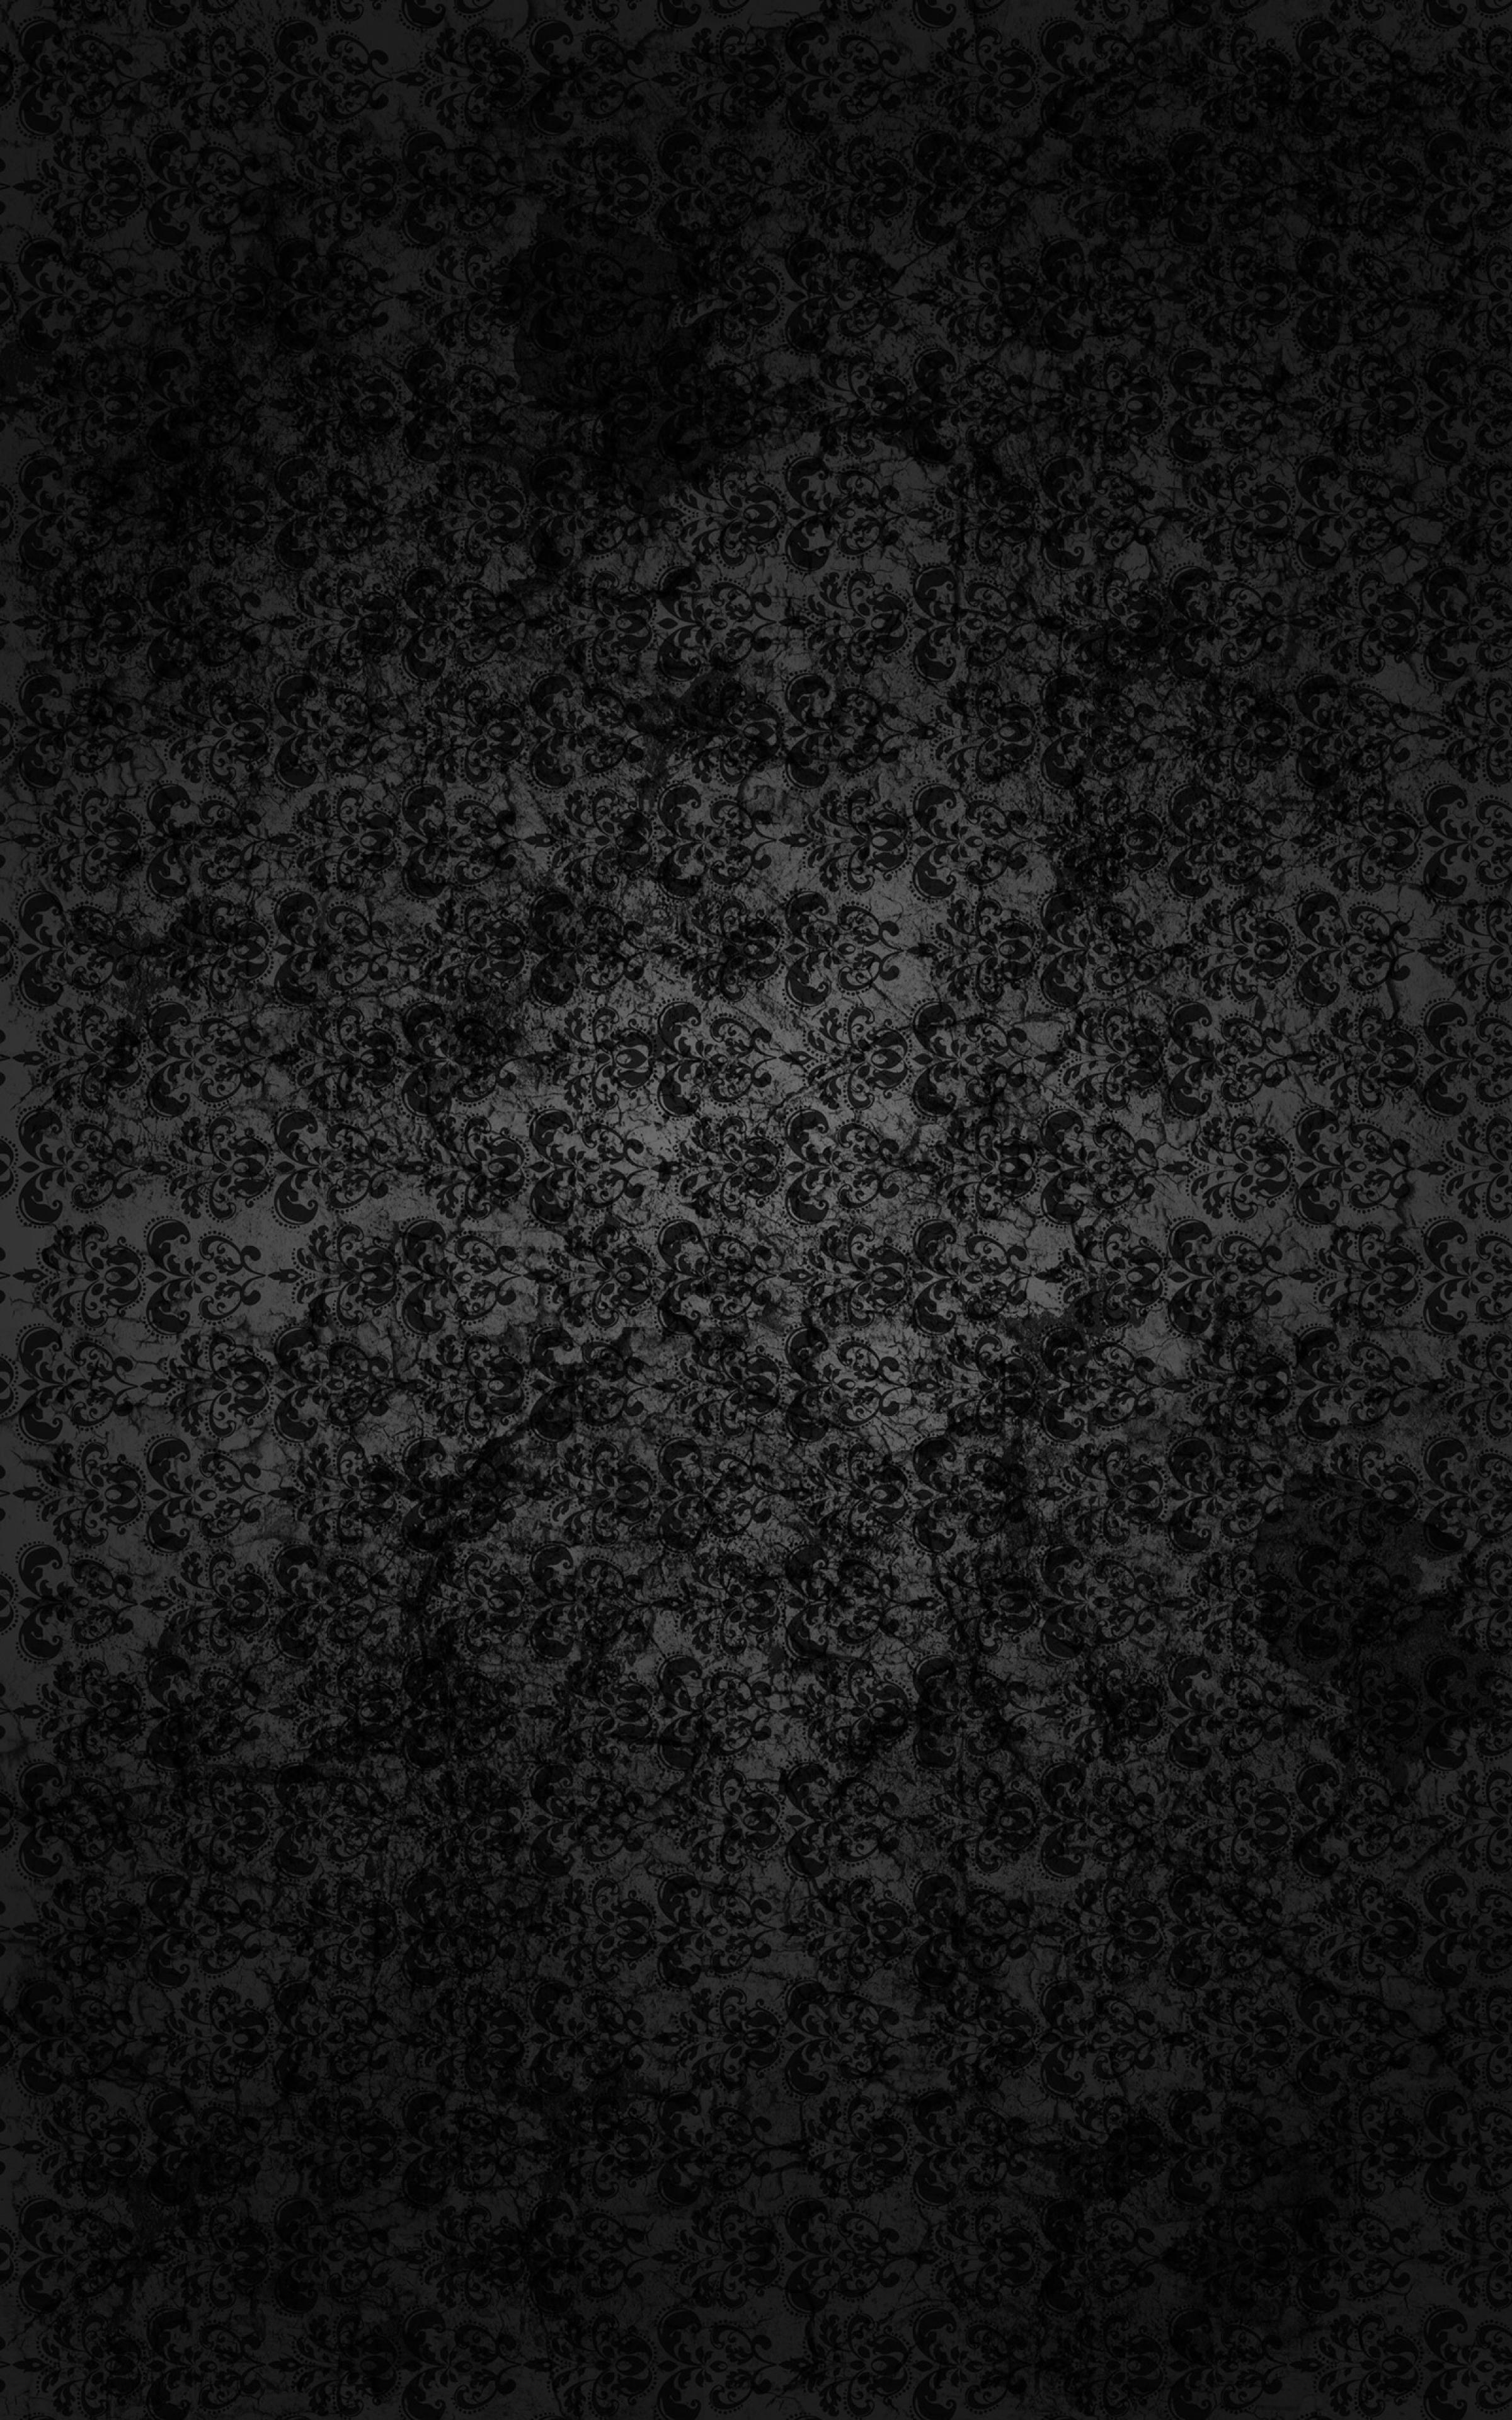 Patterns Background Dark Texture